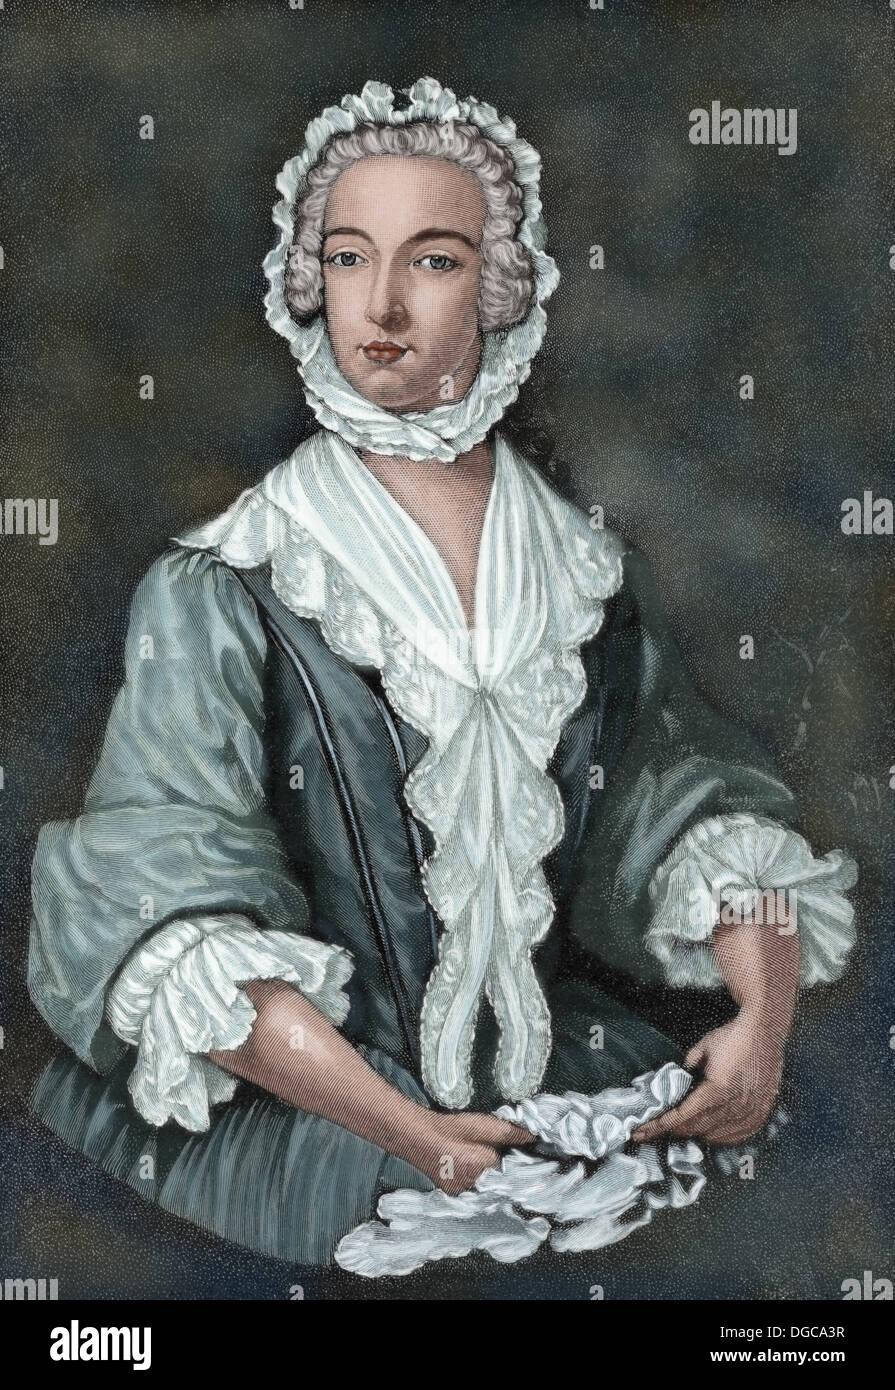 Charles Edward Stuart (1720-1788). Scottish aristocrat. Prince Charles Edward Stuart disguised as Betty Burke, 1747. Colored. - Stock Image